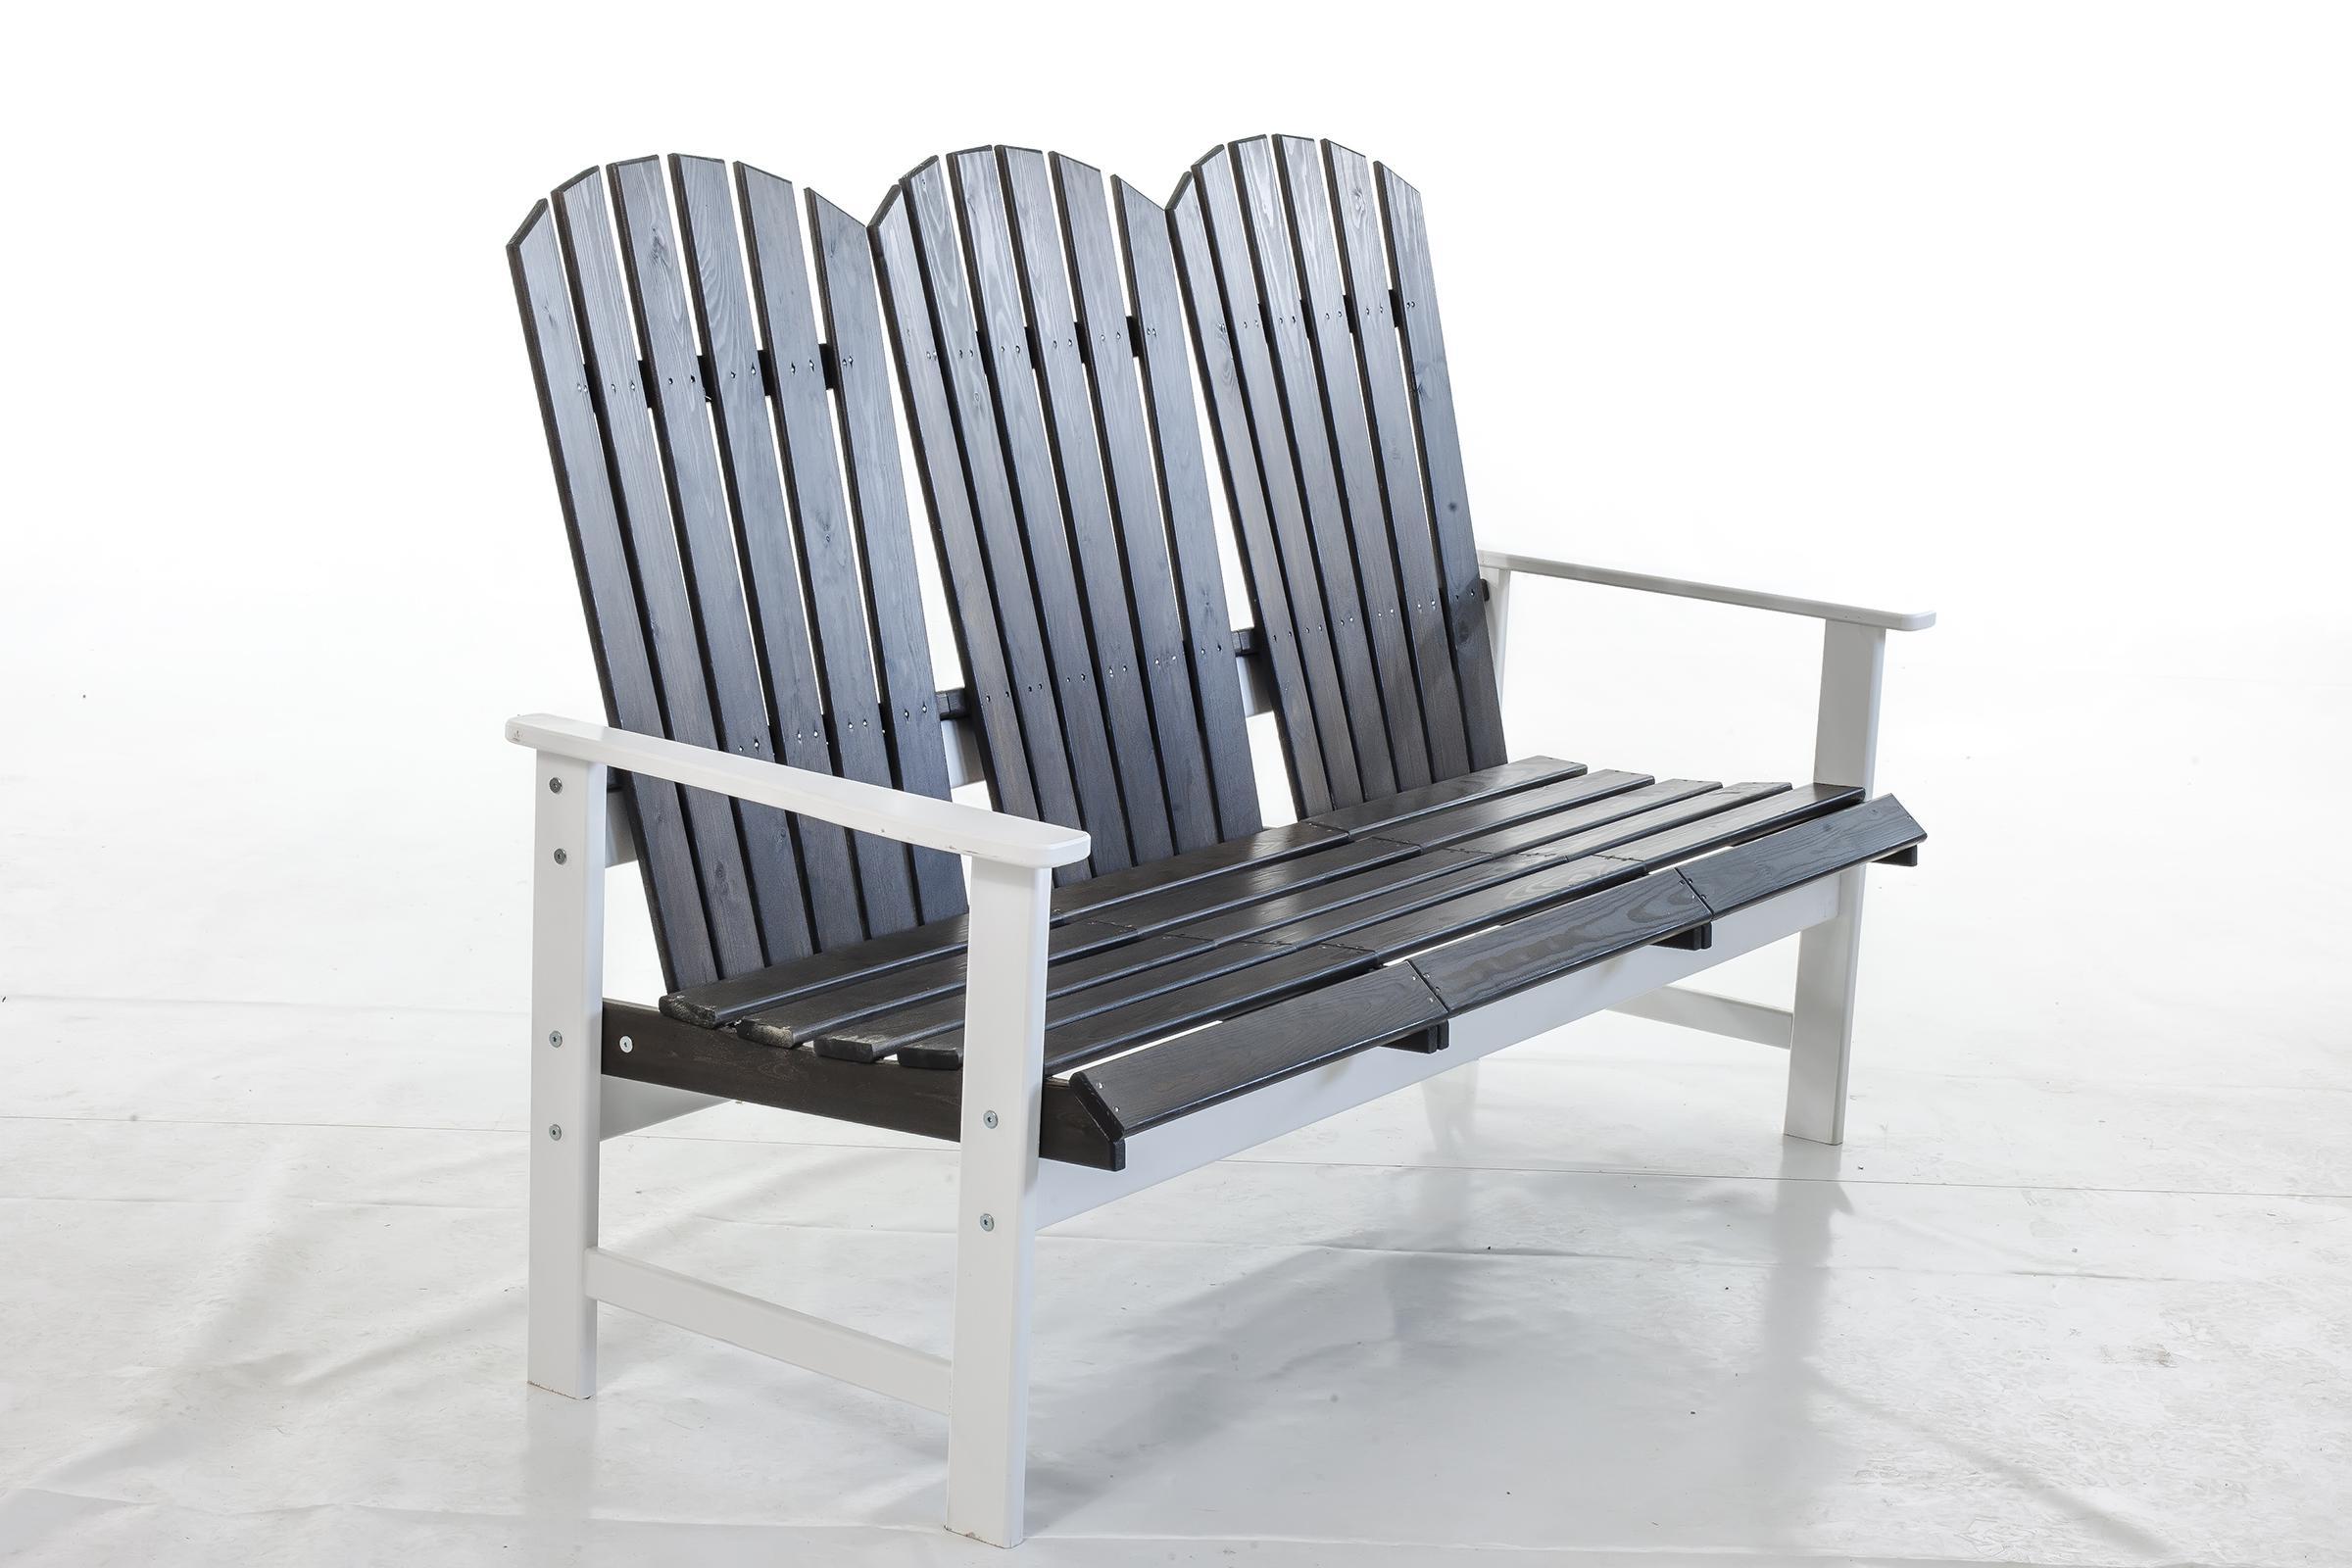 Inspirierend Gartenbank Grau Holz Schema